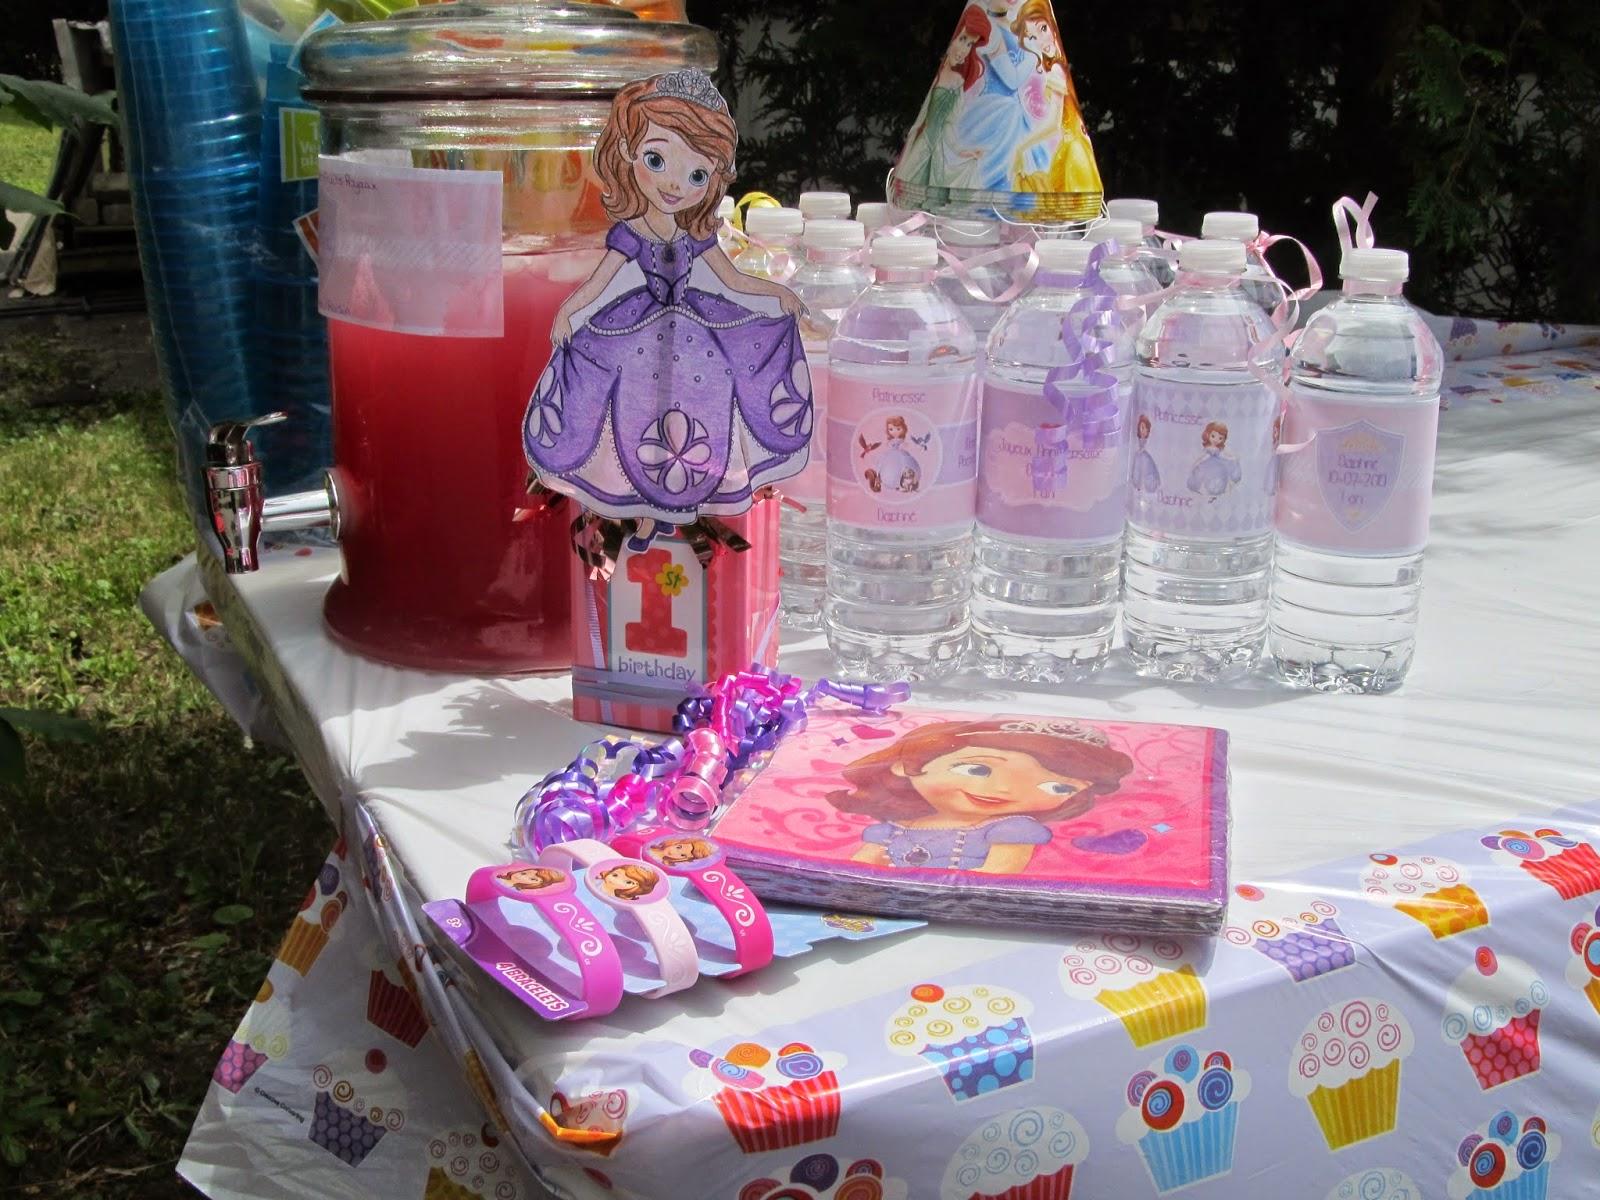 Jeux De Coloriage Princesse Sofia - Anker Anksfcst Kit De Coloriage Princesse Sofia